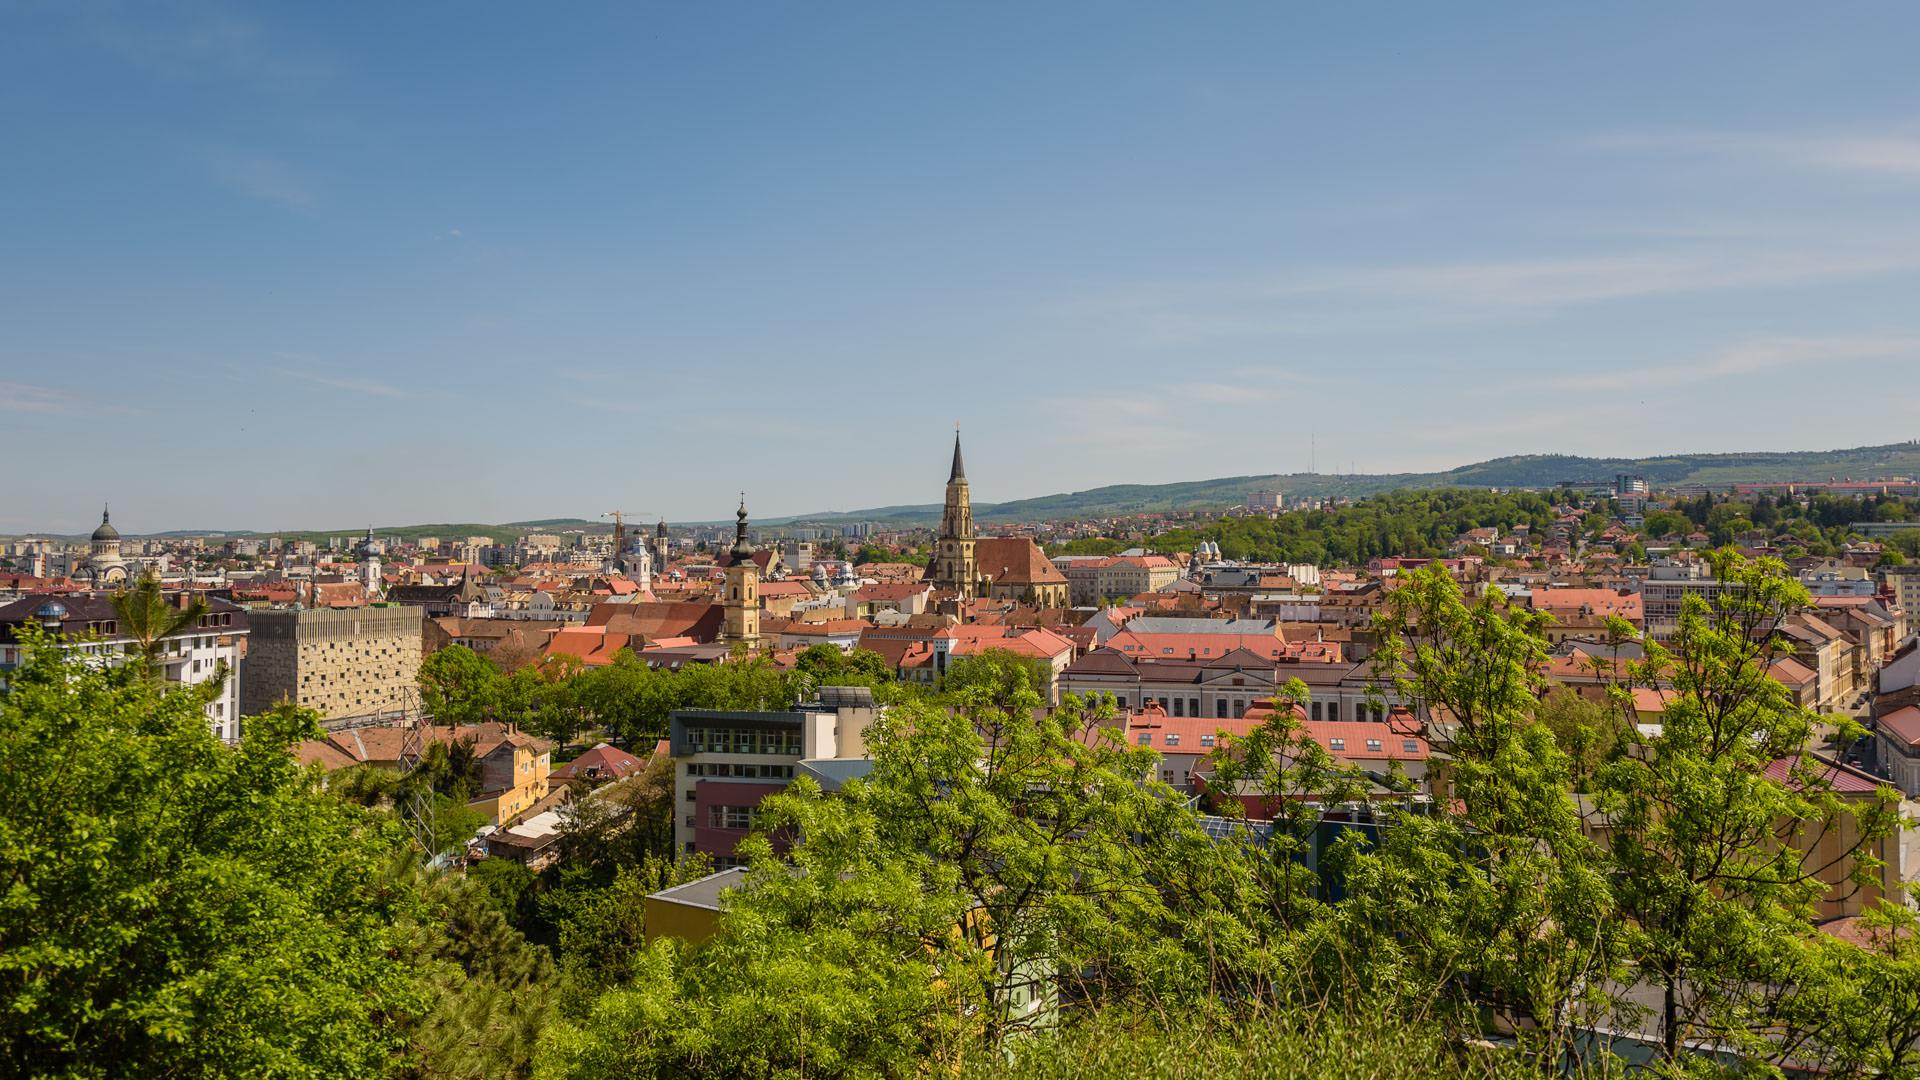 Ce fac studenții din Cluj cu chiriile și căminele pe timpul pandemiei